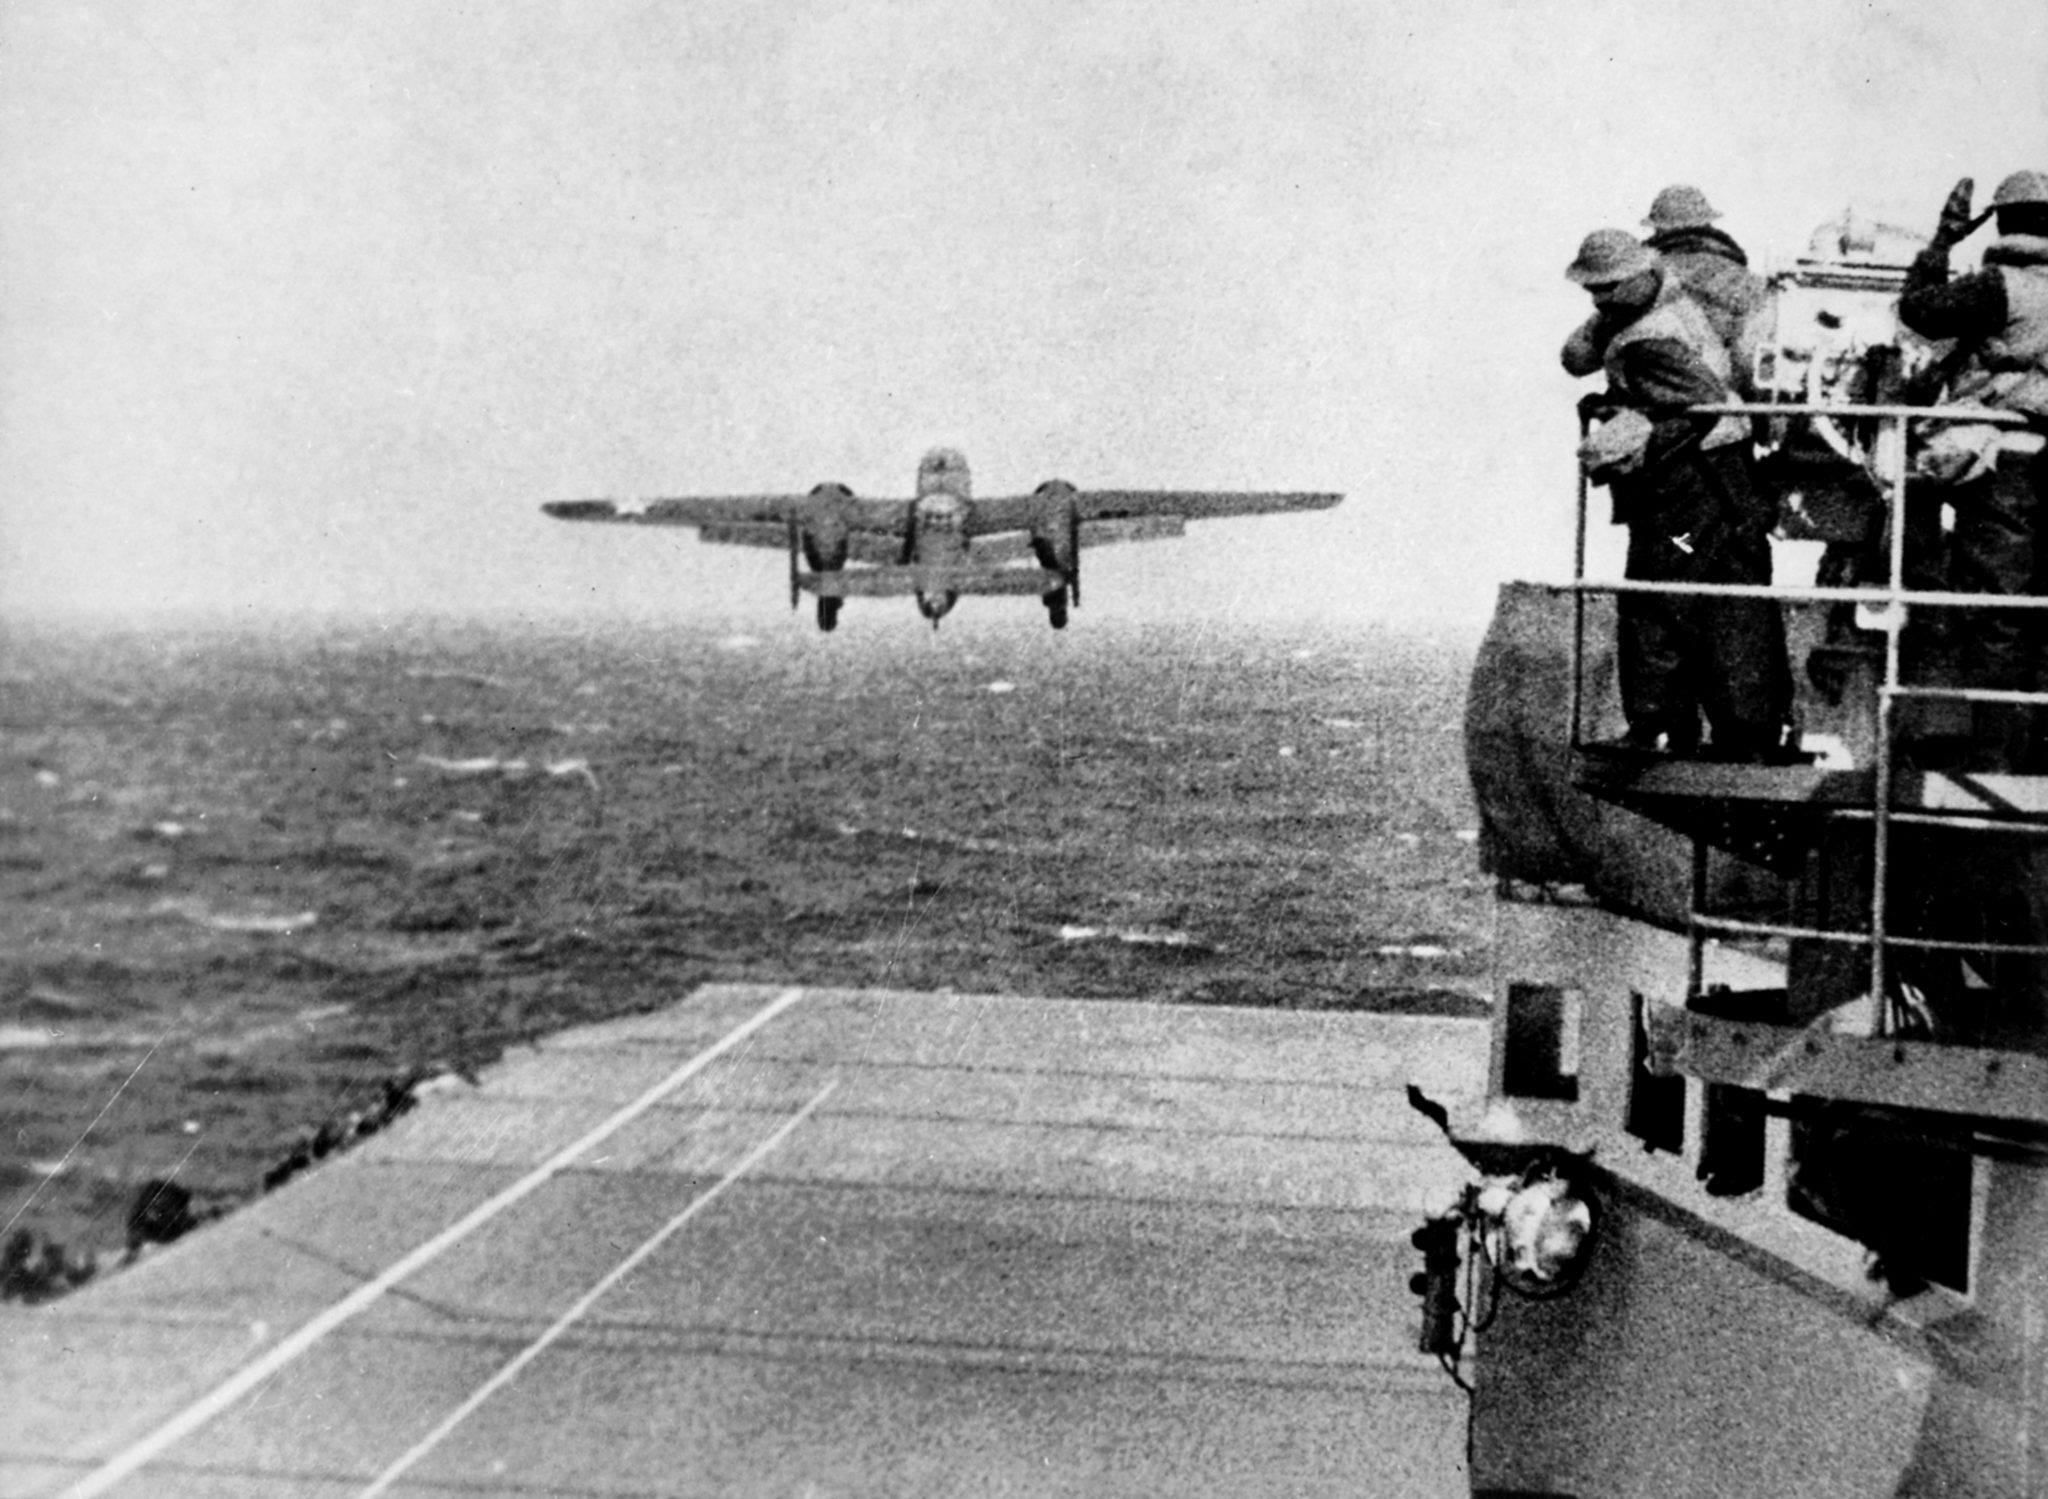 Rajd Doolittle'a, 18 kwietnia 1942: startujący bombowiec B-25 Mitchell, By U.S. Navy (photo 80-G-41196) - Ten plik jest dostępny w zbiorach National Archives and Records Administration i skatalogowany pod numerem ARC (National Archives Identifier) 520603., Domena publiczna, https://commons.wikimedia.org/w/index.php?curid=53303